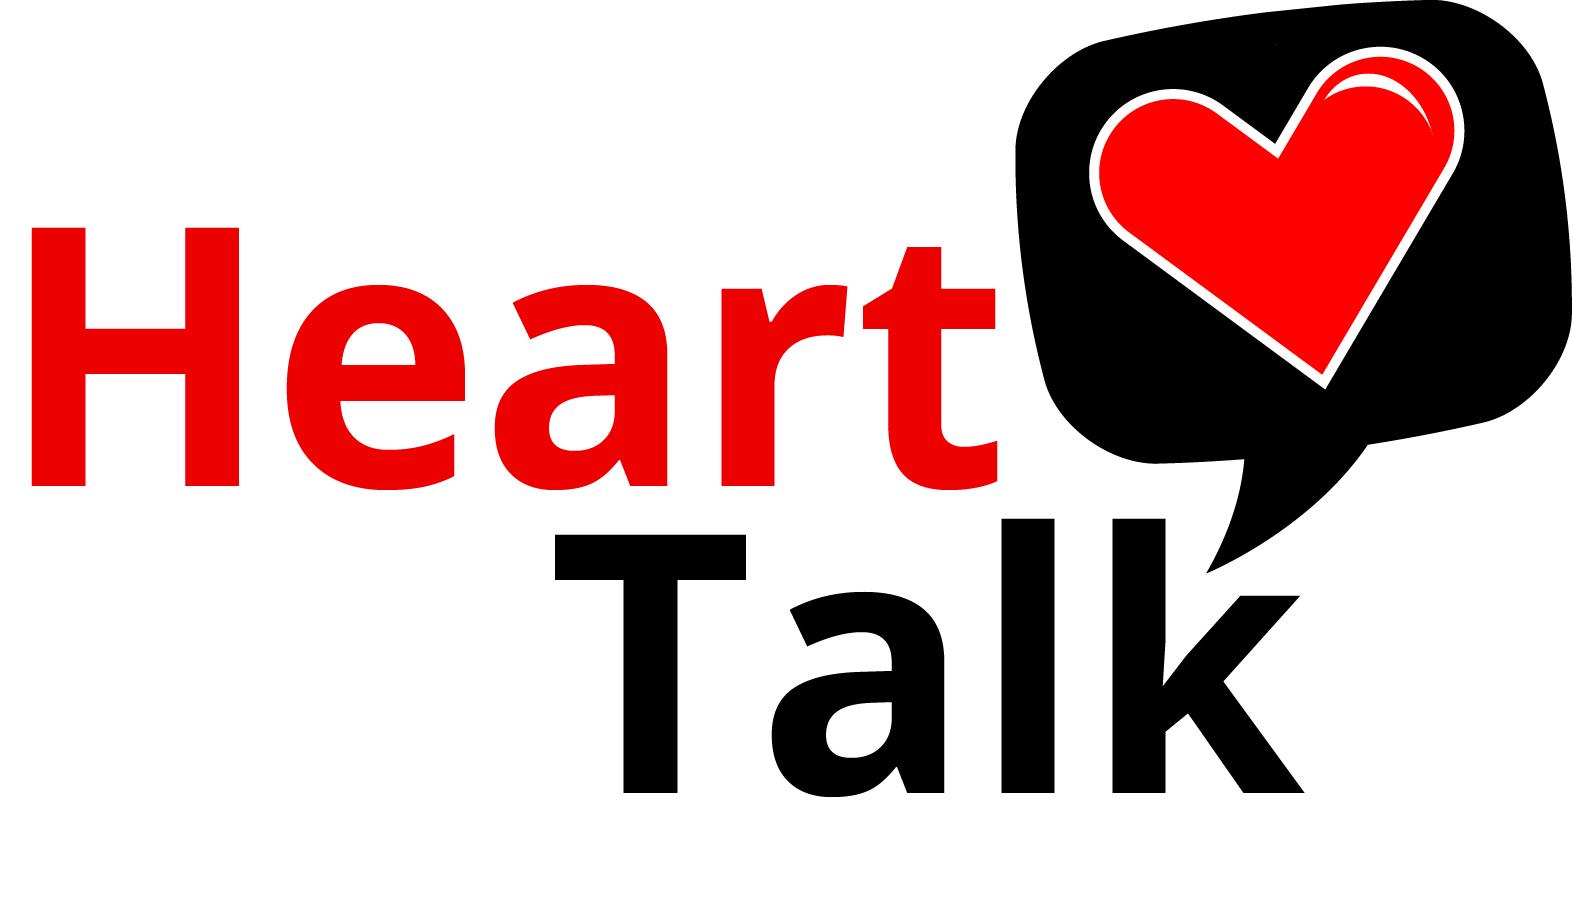 Heart Talk Pre-test For Non-licensed Staff